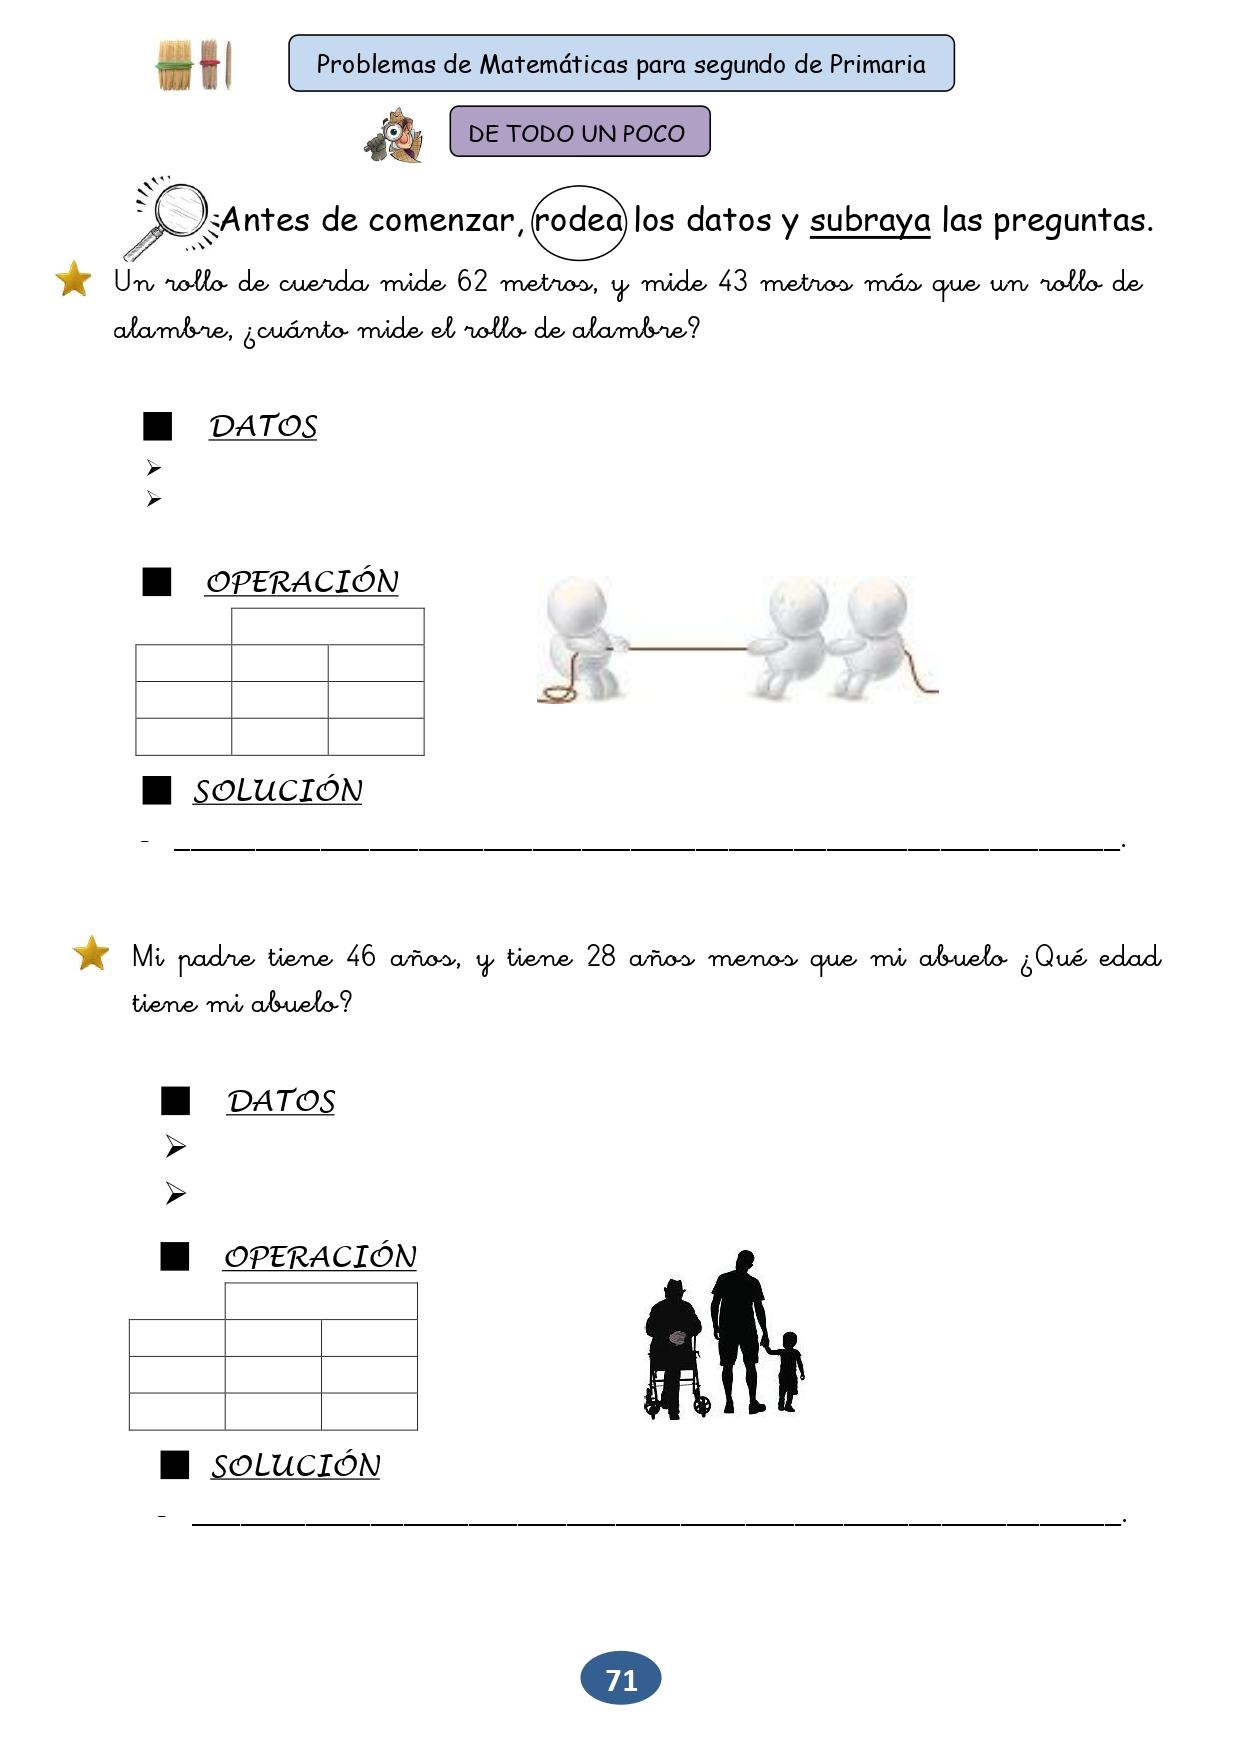 Ejercicios-De-Matem-ticas-Para-Segundo-Grado-De-Primaria-Pdf-71